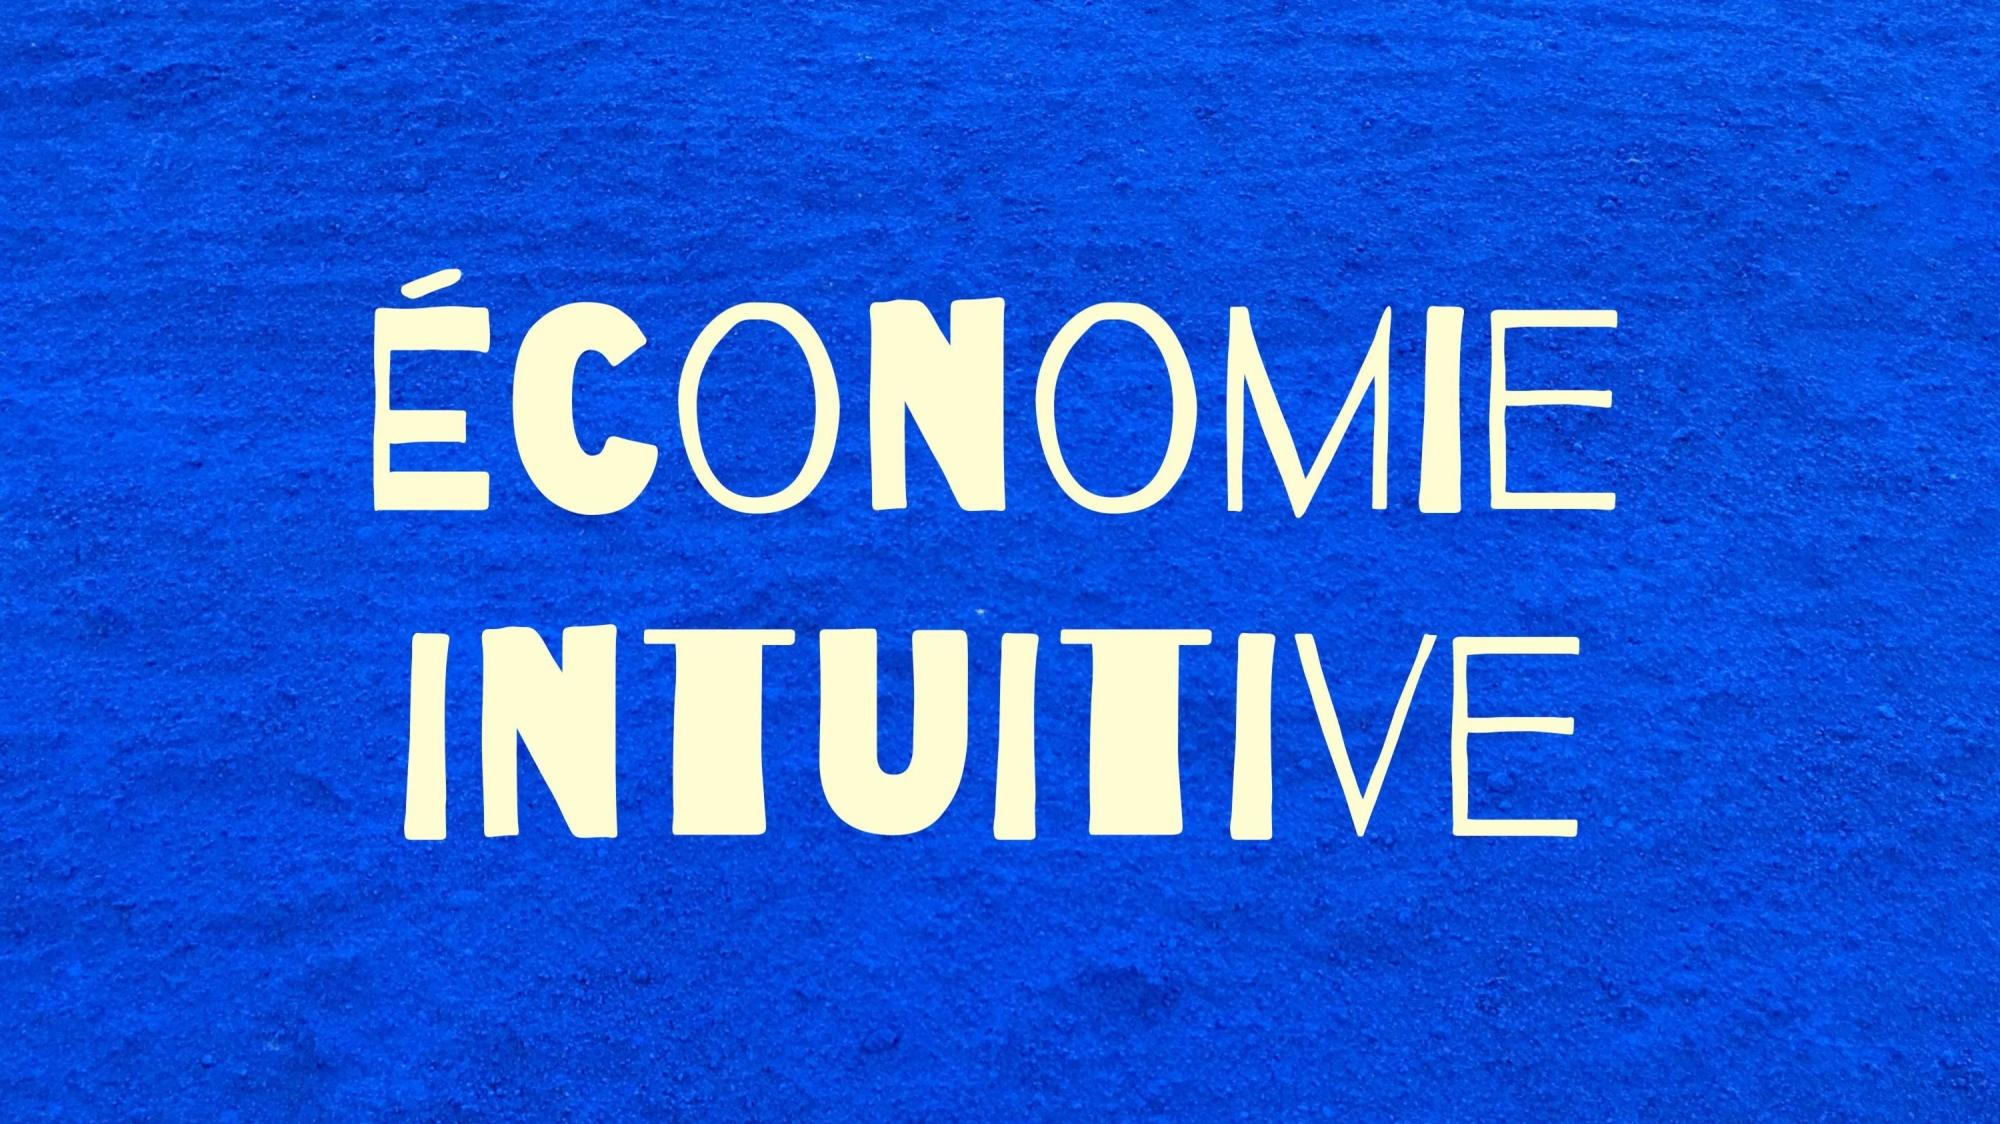 podcast economie intuitive lucie diez